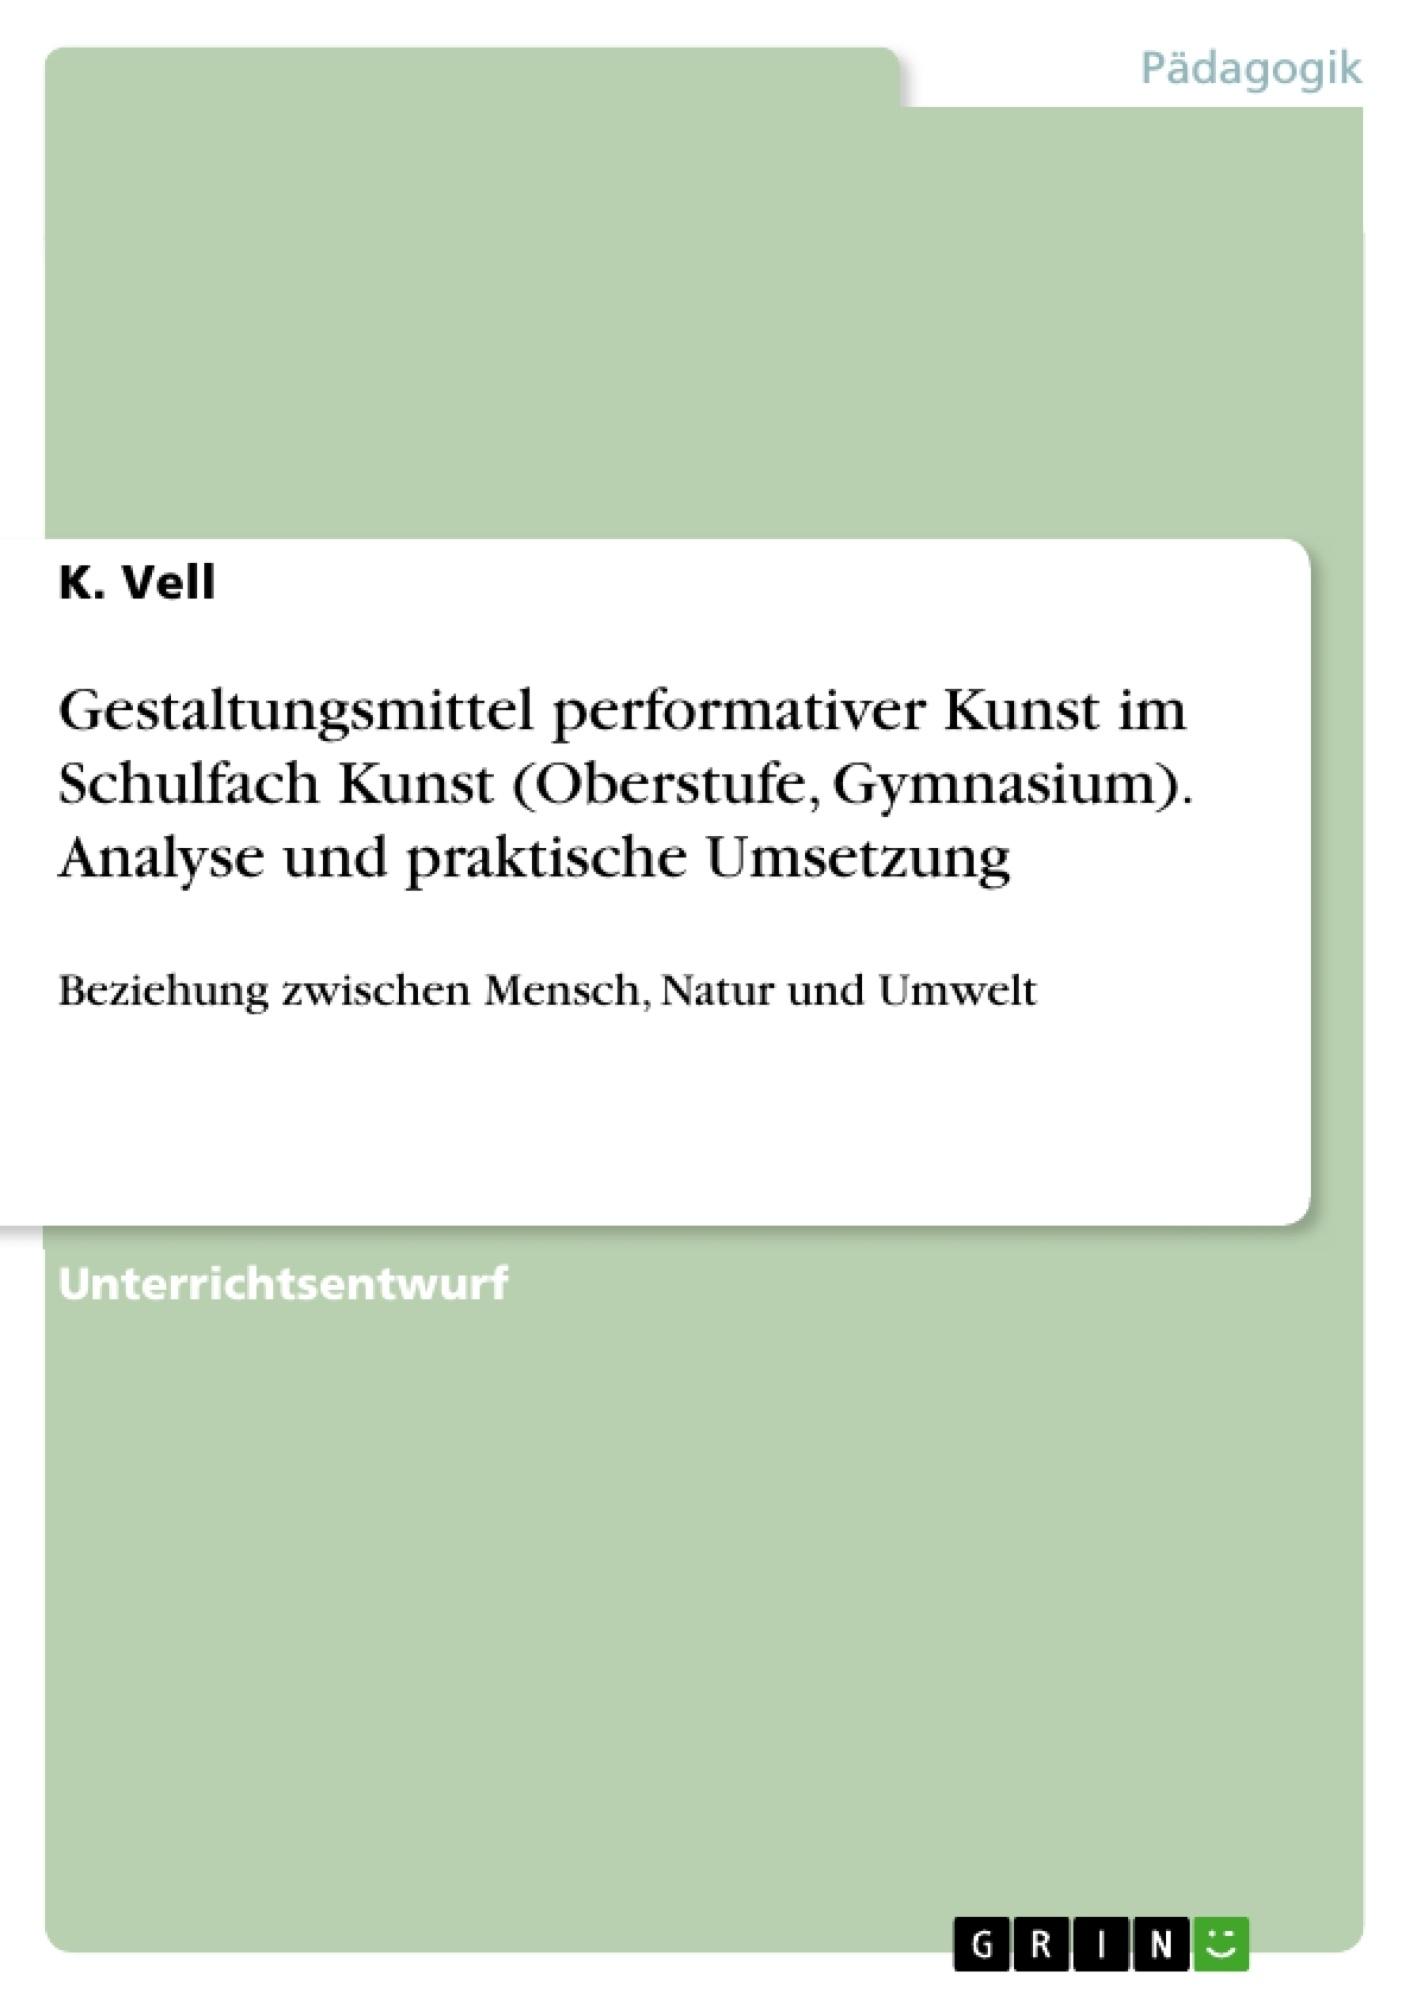 Titel: Gestaltungsmittel performativer Kunst im Schulfach Kunst (Oberstufe, Gymnasium). Analyse und praktische Umsetzung